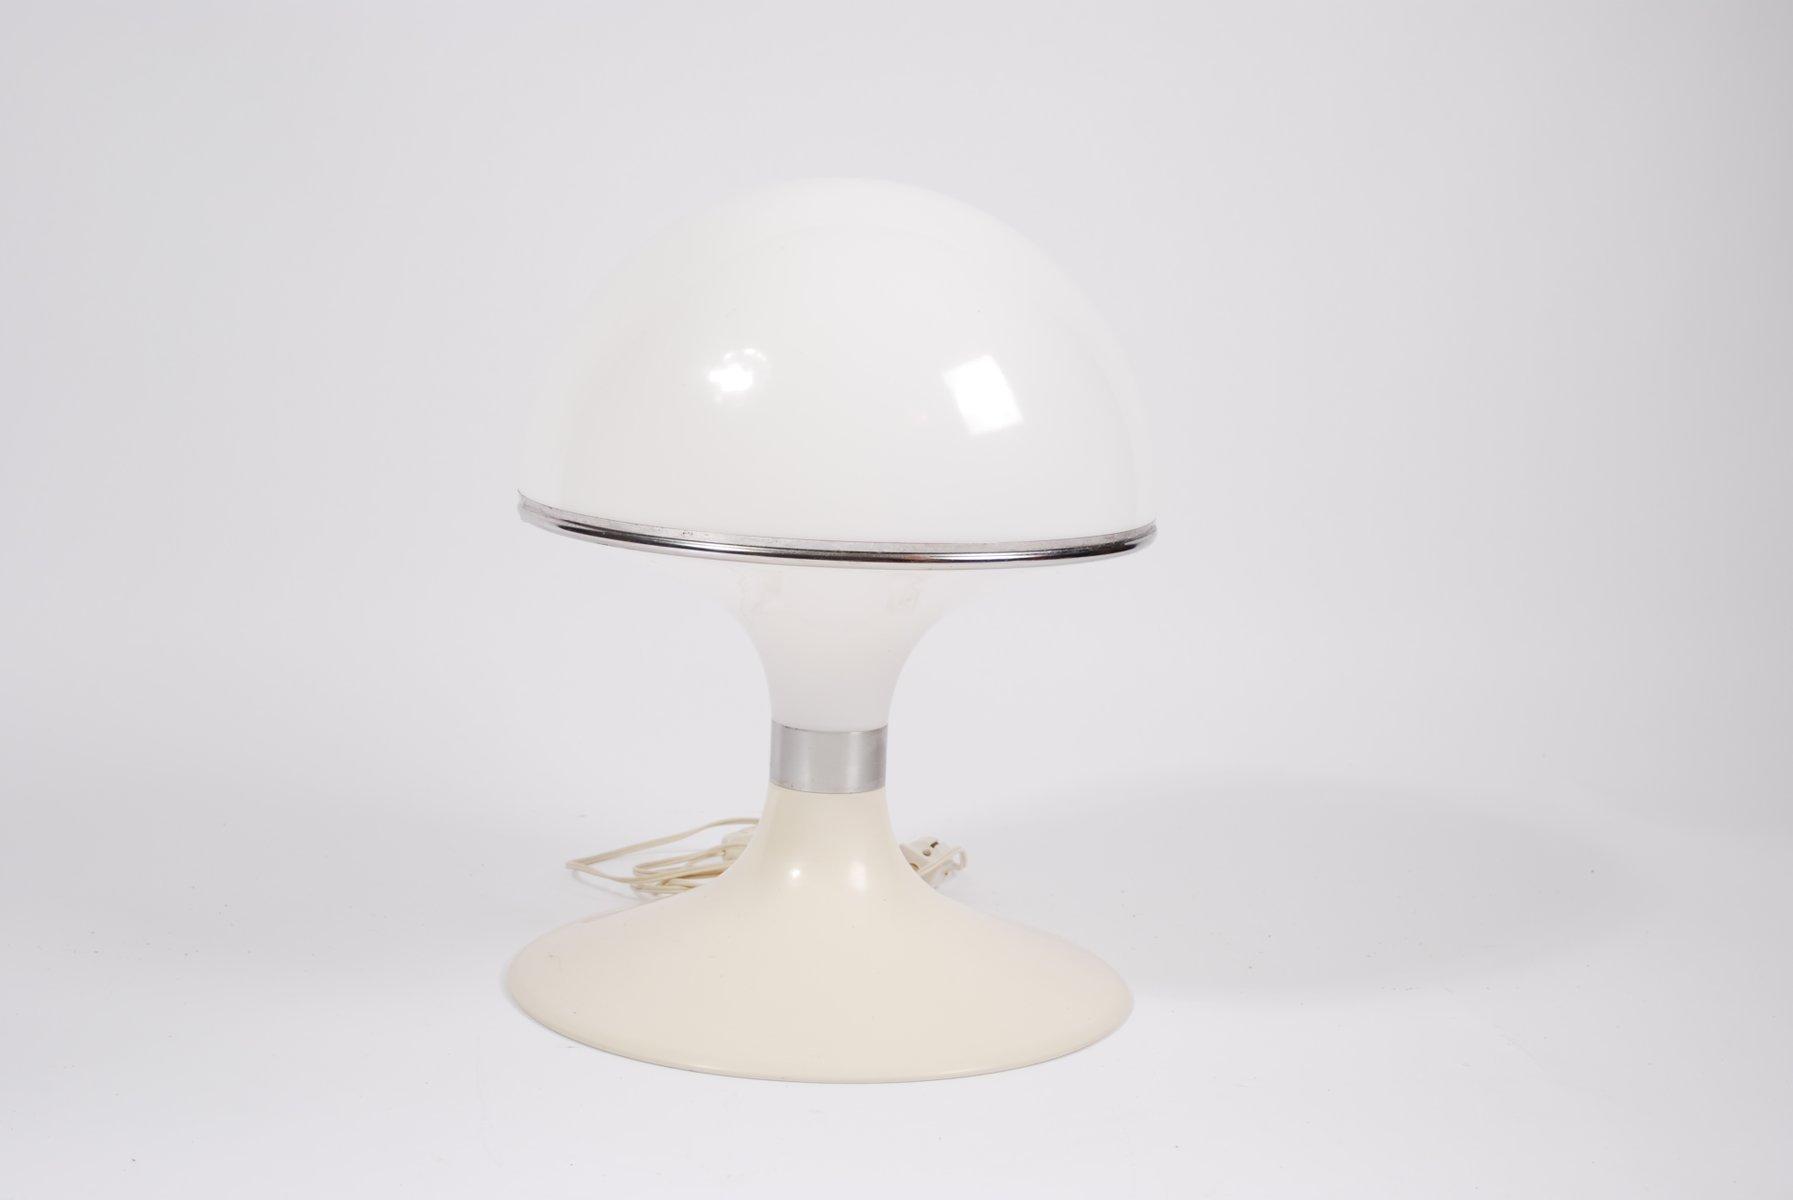 Tischlampe von Dadime, 1960er